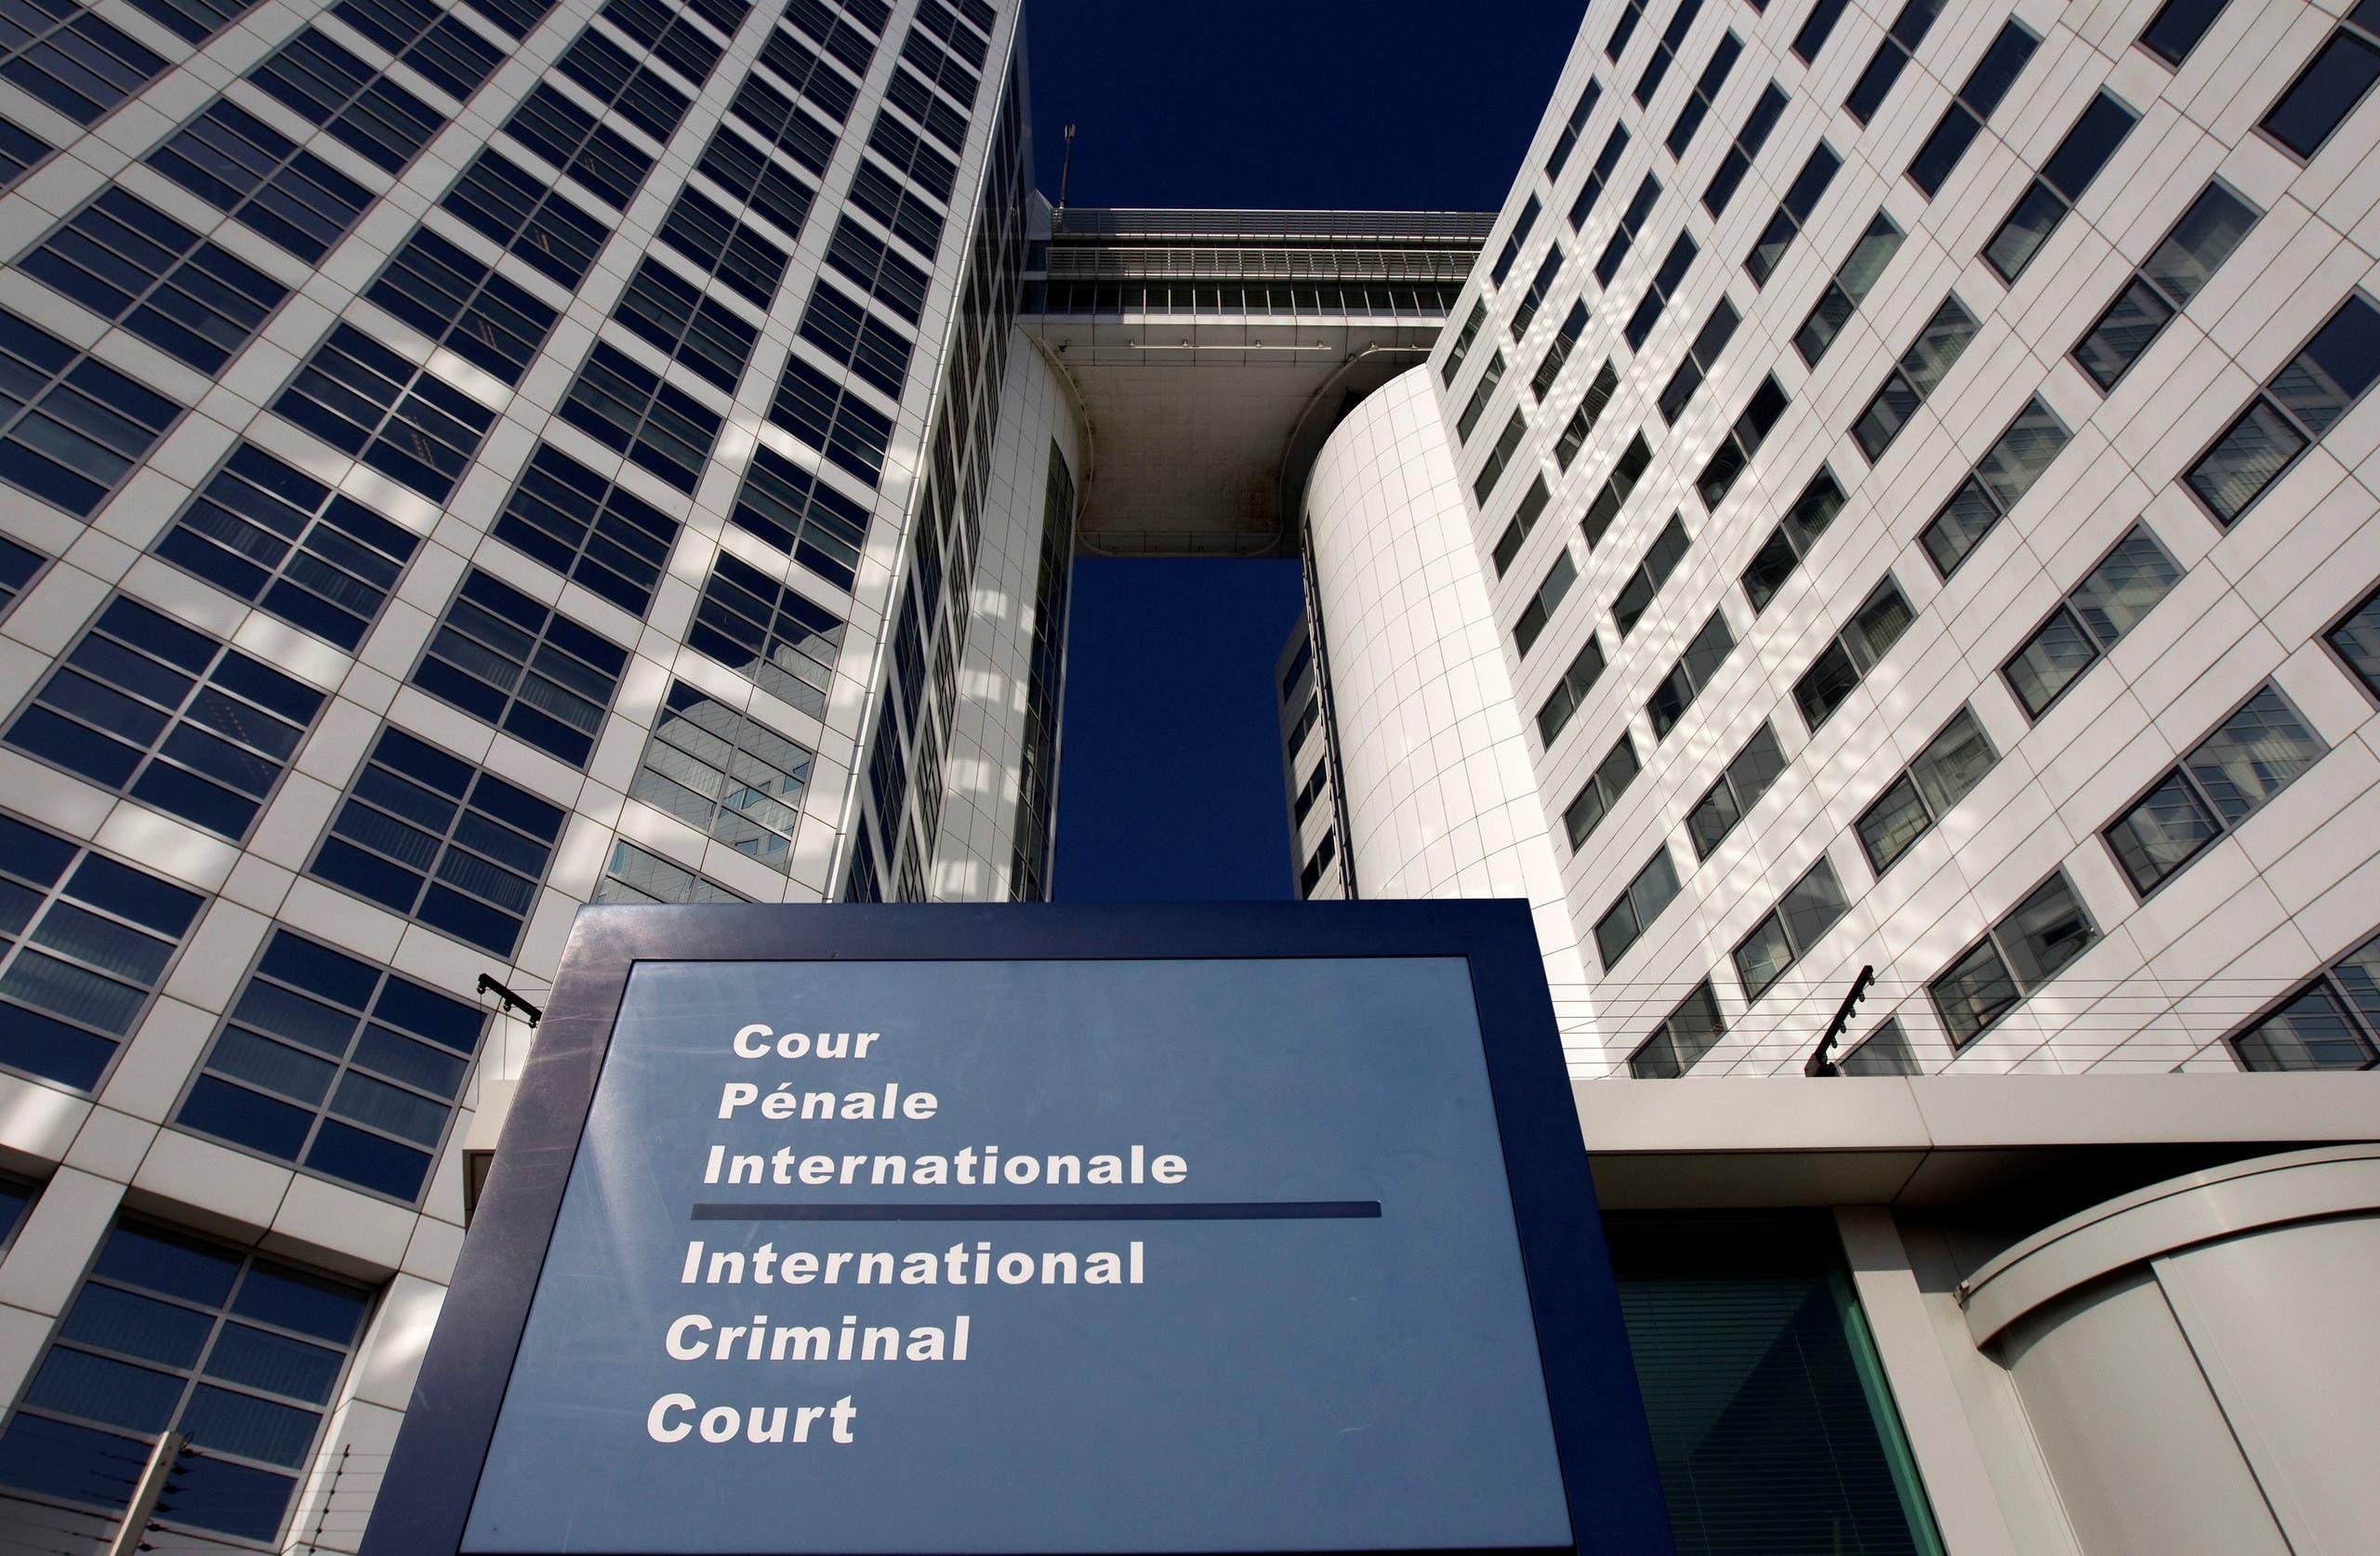 مقر المحكمة الجنائية الدولية في لا هاي